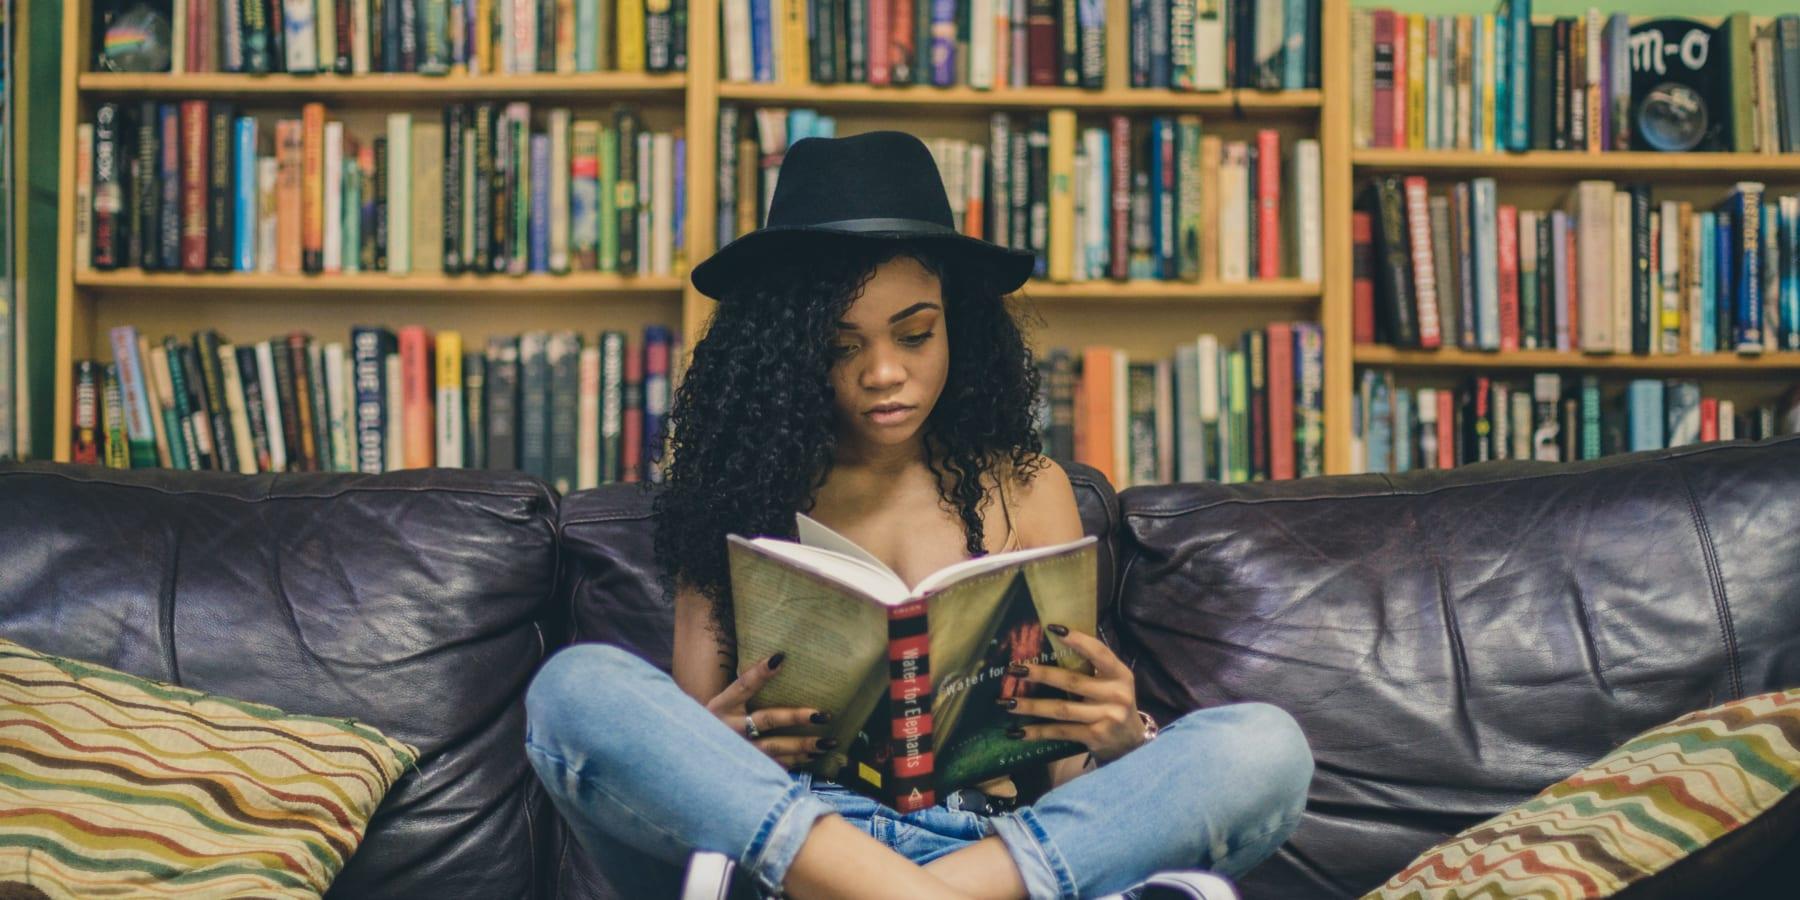 街の本屋さんを支える、オンライン書店プラットフォーム「Bookshop」